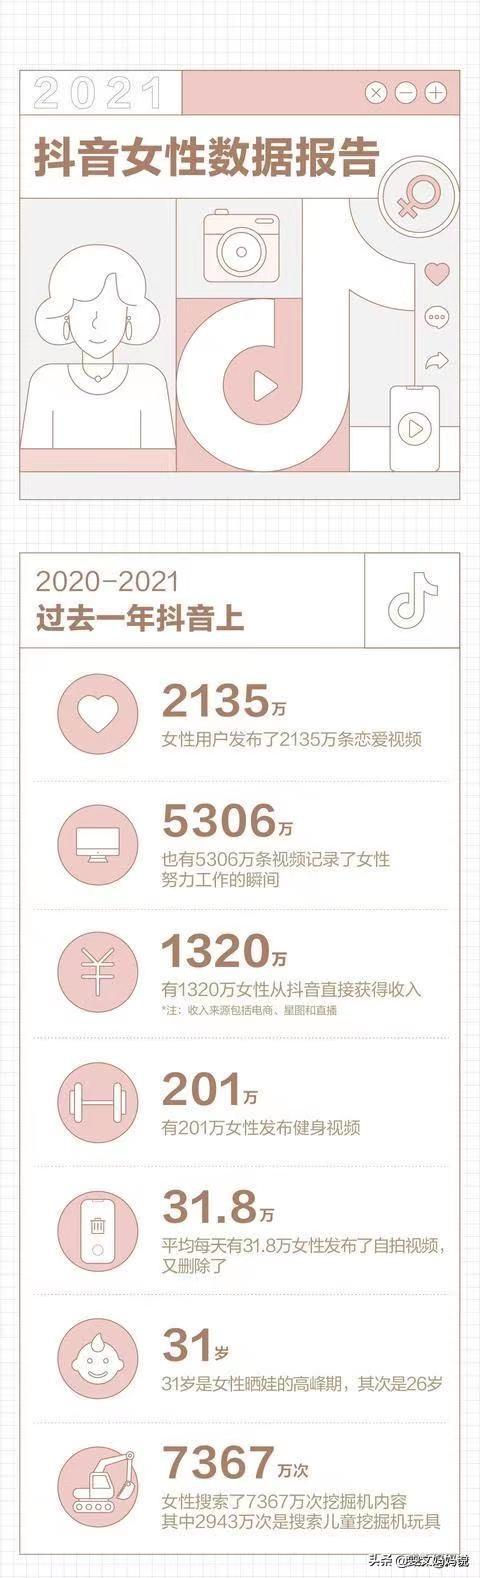 2021抖音女性数据报告,来看晒娃高峰期及晒娃的注意事项